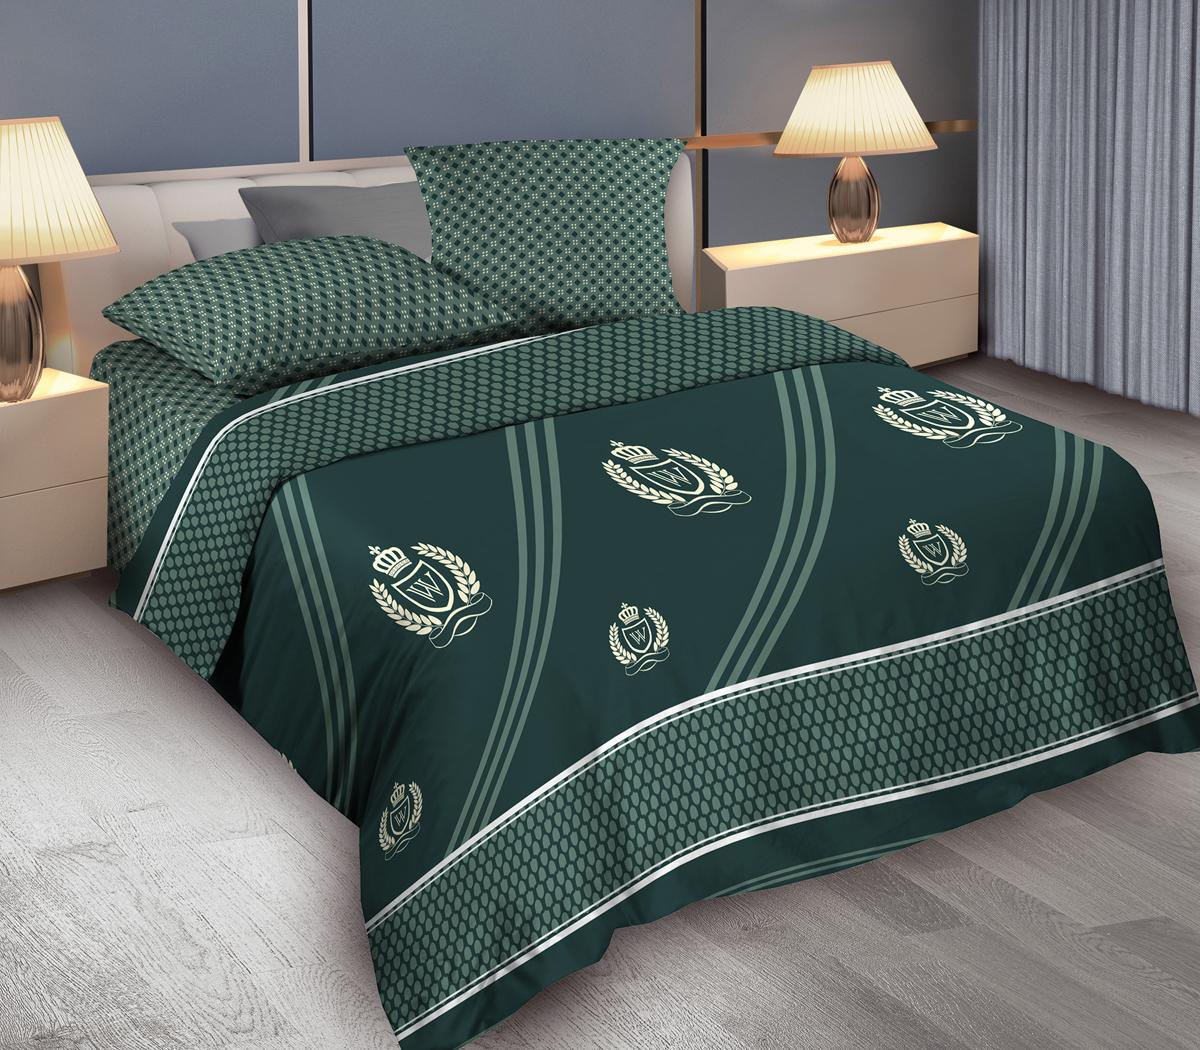 Комплект белья Wenge Gallant, 2-спальный, наволочки 70x70, цвет: зеленый364978